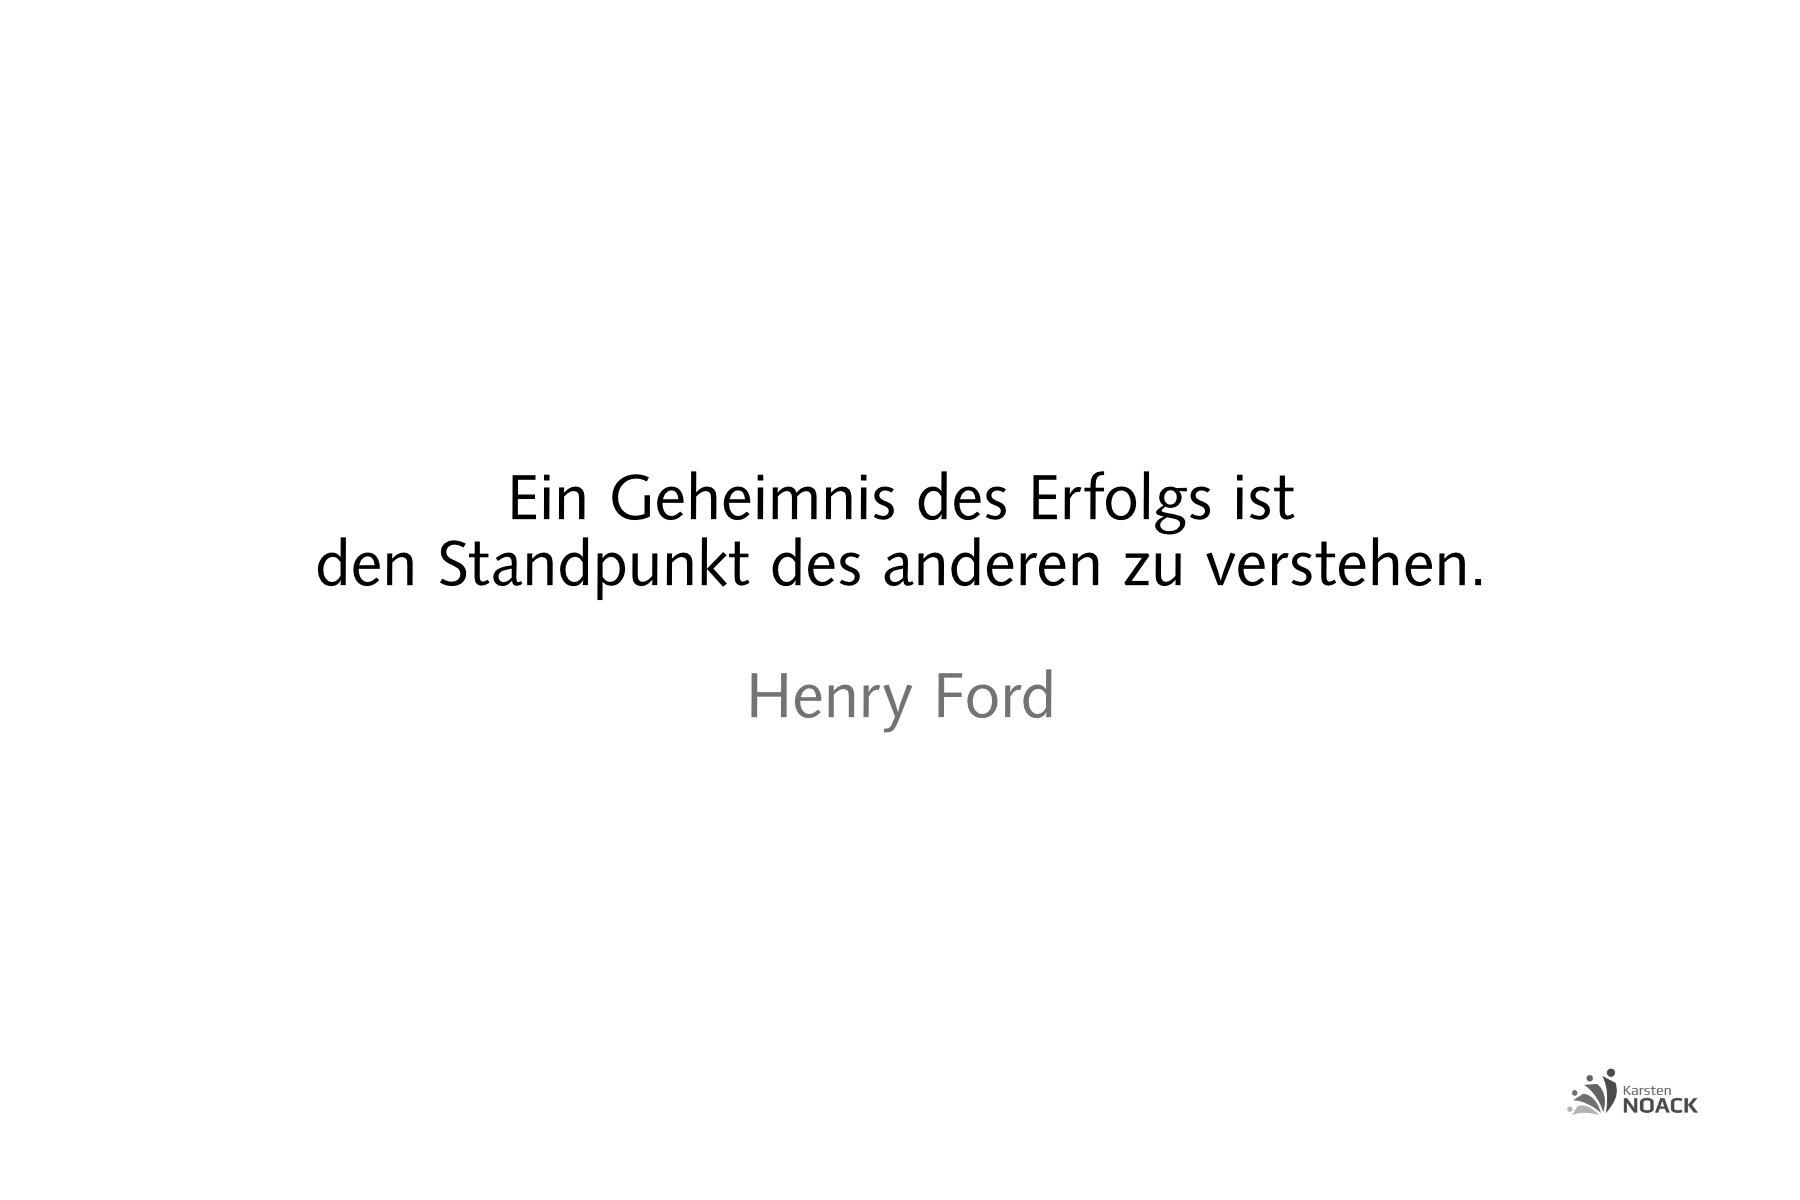 Ein Geheimnis des Erfolgs ist den Standpunkt des anderen zu verstehen. Henry Ford